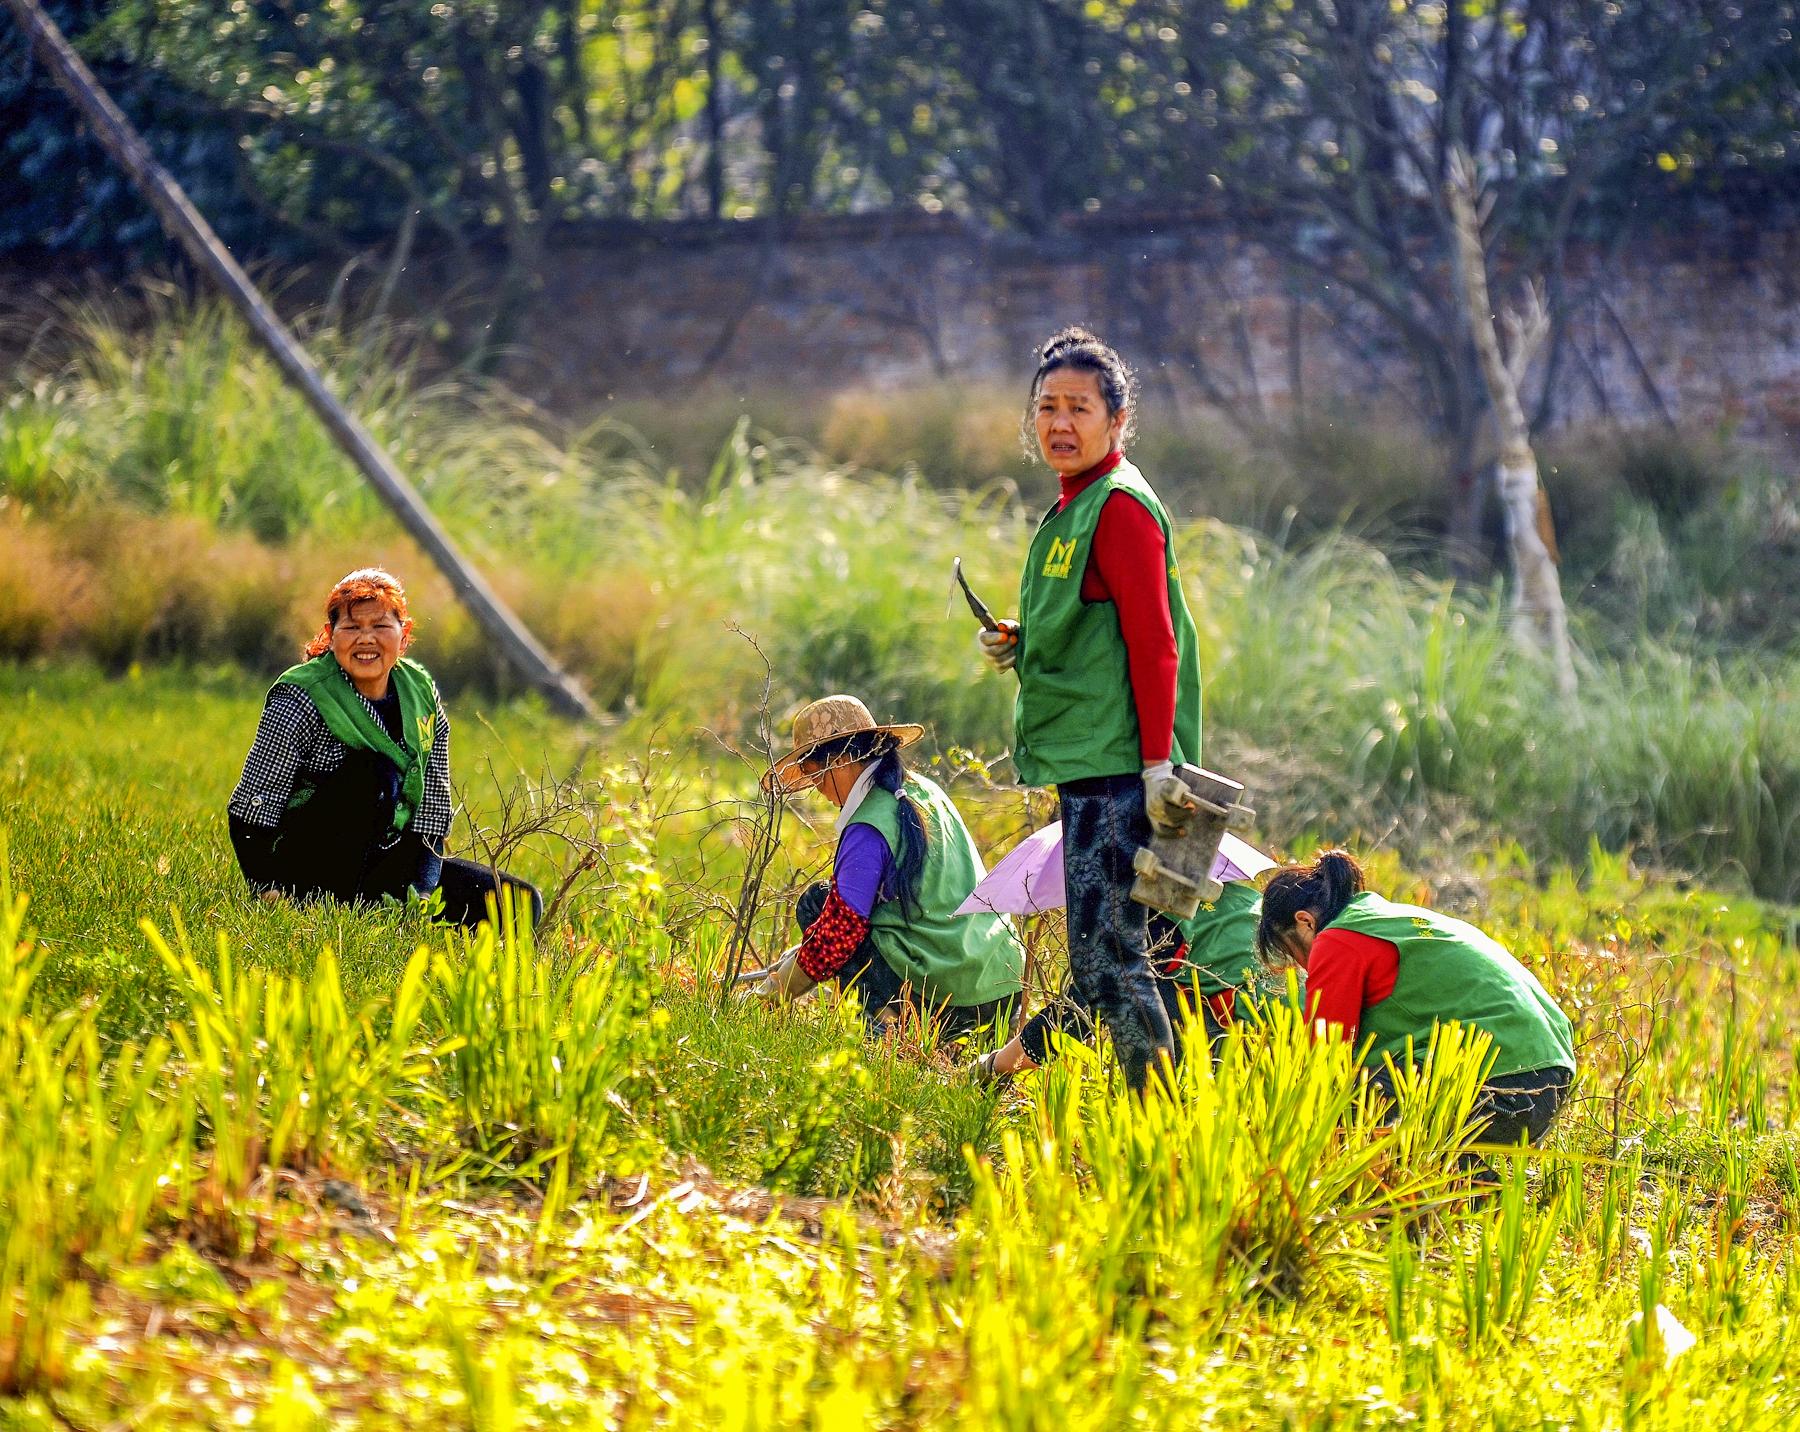 细处的杂乱,微处的不同,在工人们无数次拔除的俯身与起腰间,全部归于和谐统一,呈现出草地最美的姿态。.jpg